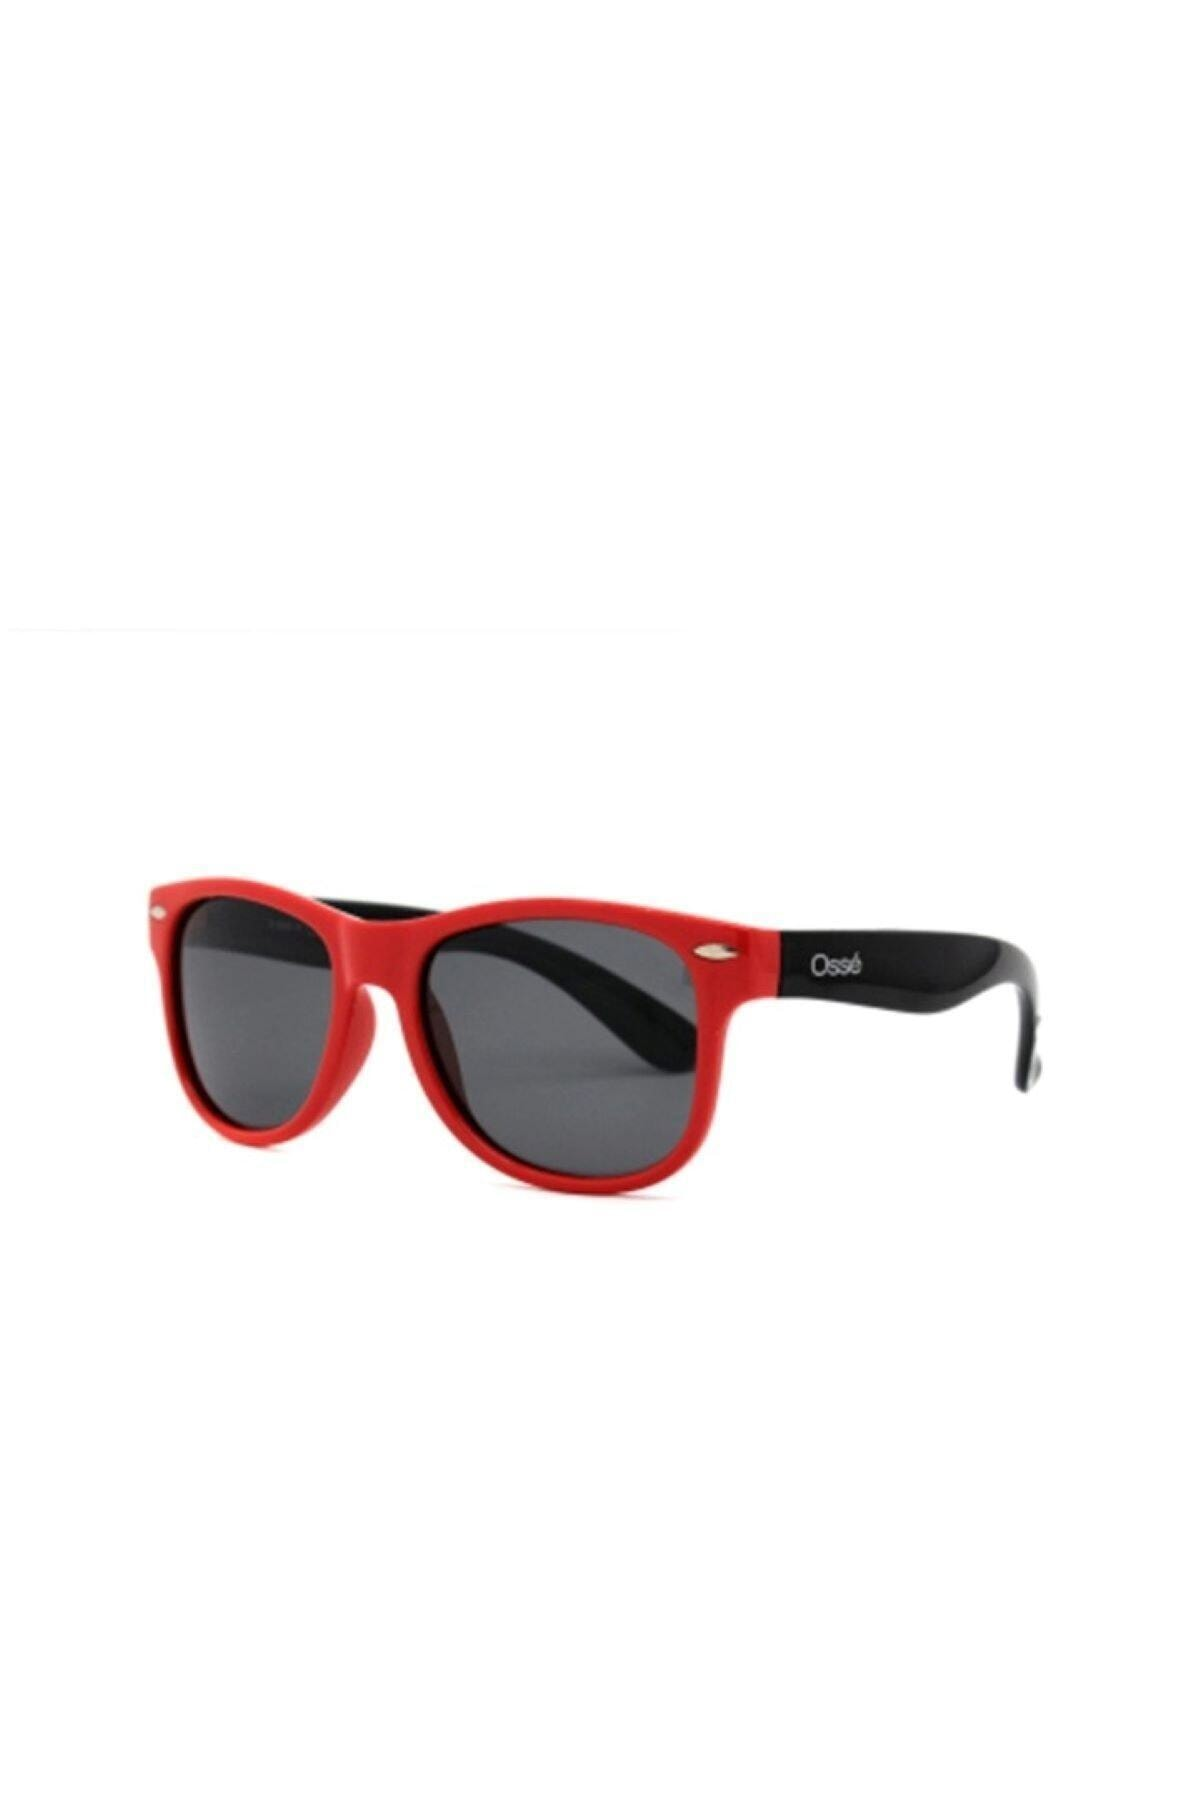 خرید نقدی عینک آفتابی پسرانه فروشگاه اینترنتی برند Osse رنگ قرمز ty32180229